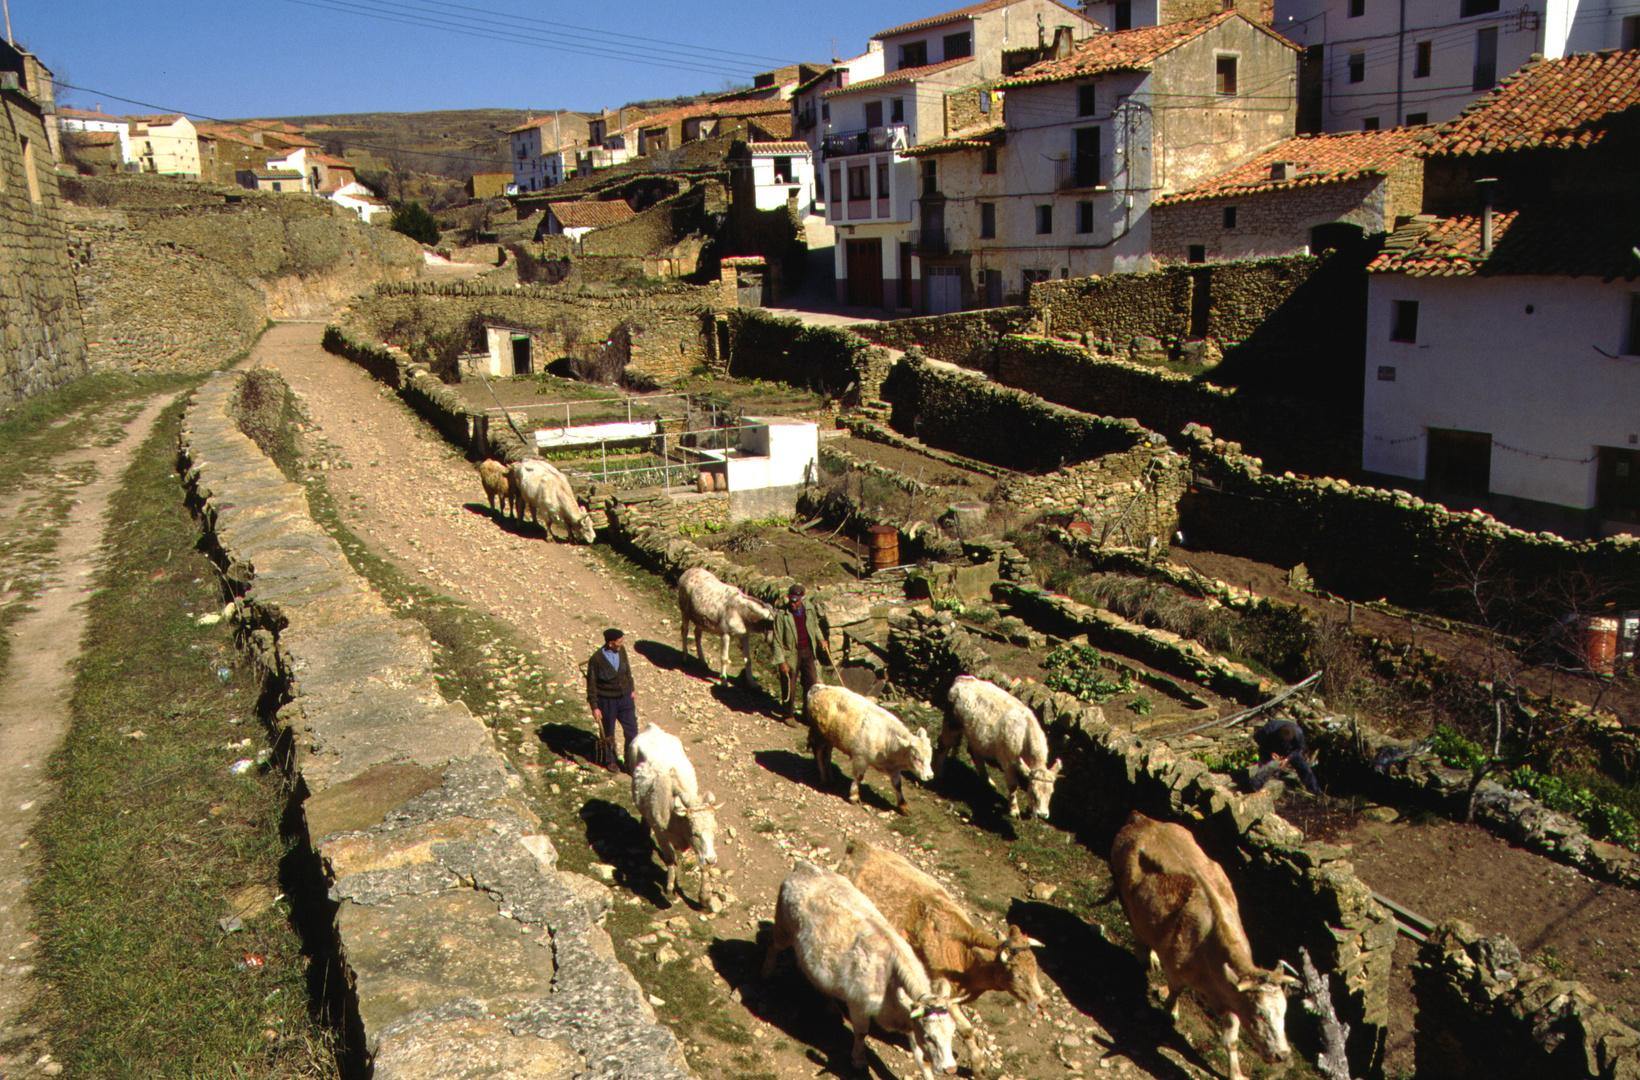 La Iglesuela del Cid, Schafhirte (1996-03)